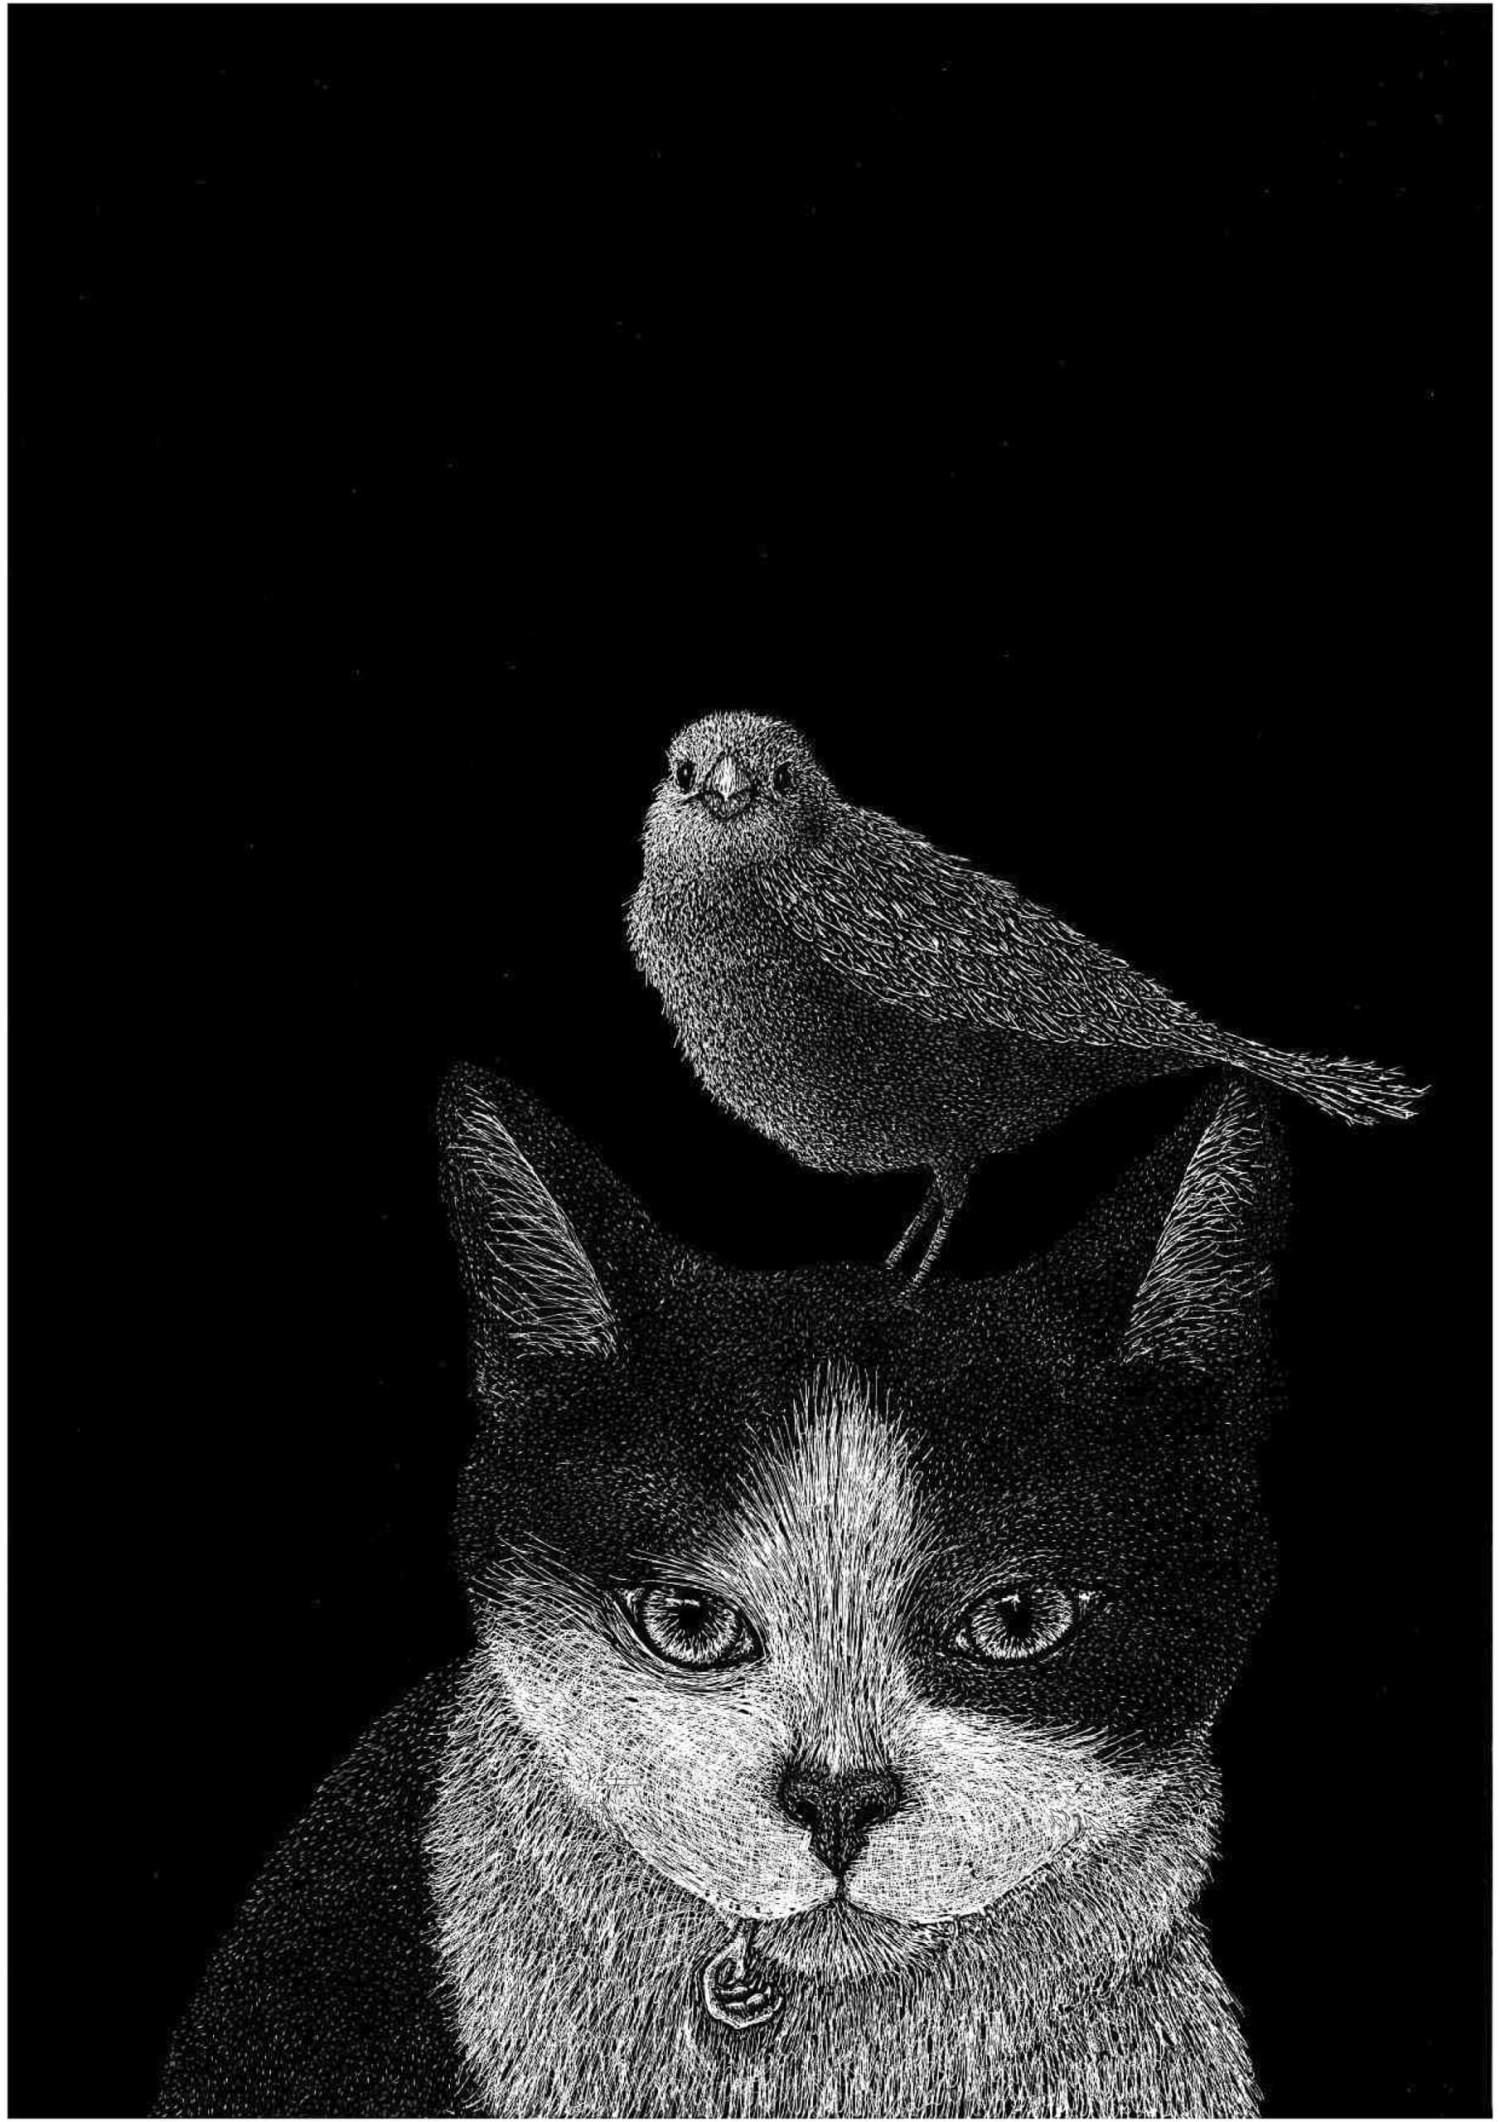 Il gatto e i due passeri - Lia Mariani